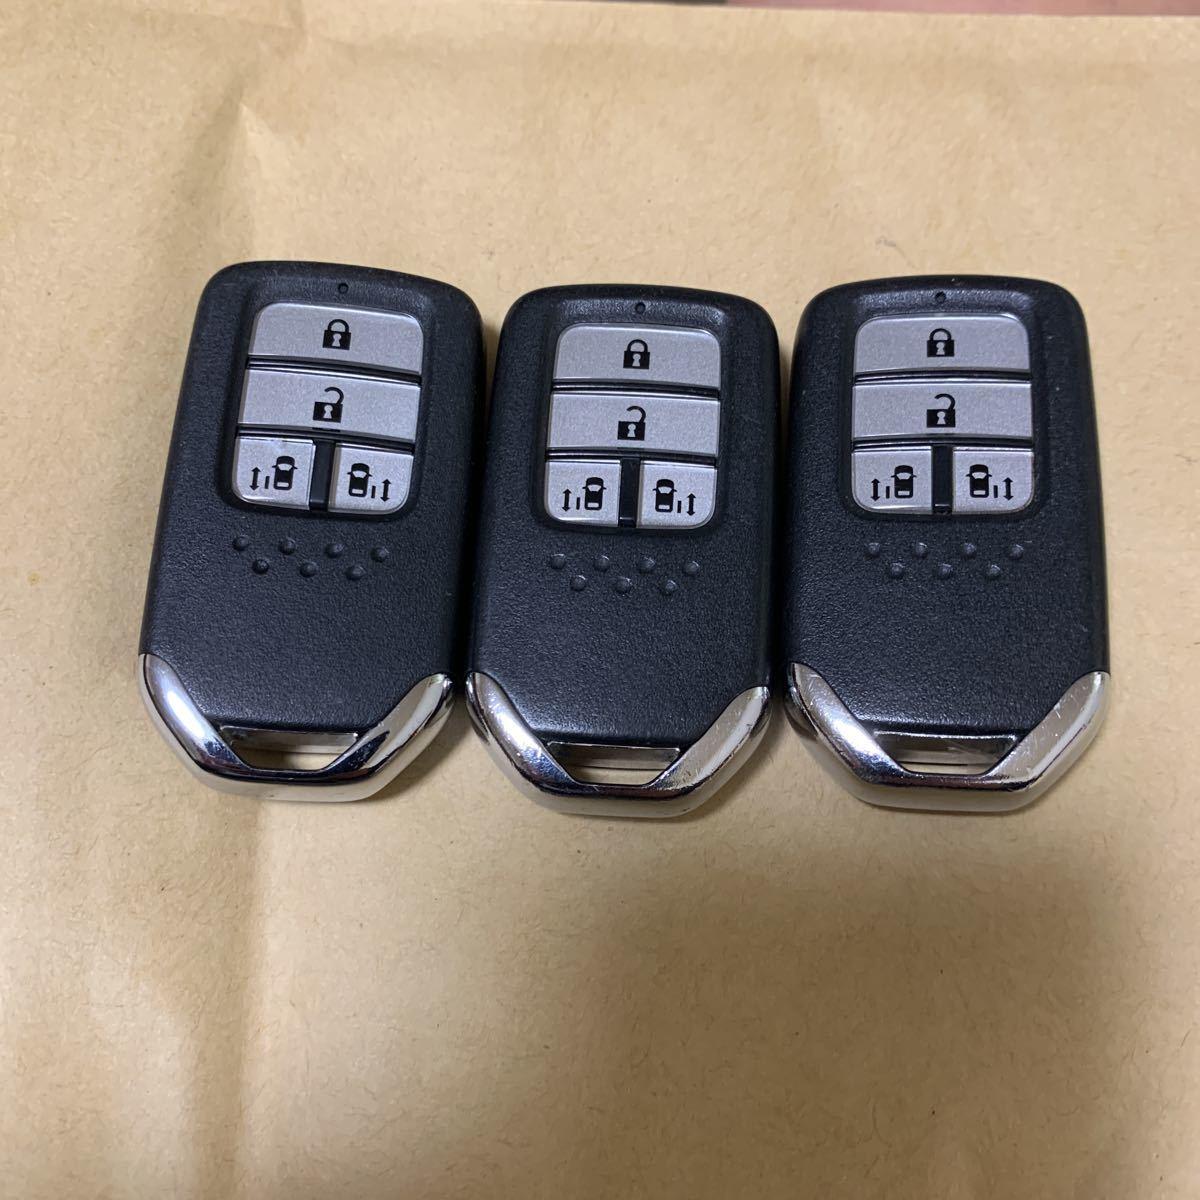 送料無料☆☆ホンダ ステップワゴン オデッセイ フリード スマートキー TAA-J11 両側パワースライドドア 3個セット 35_画像2